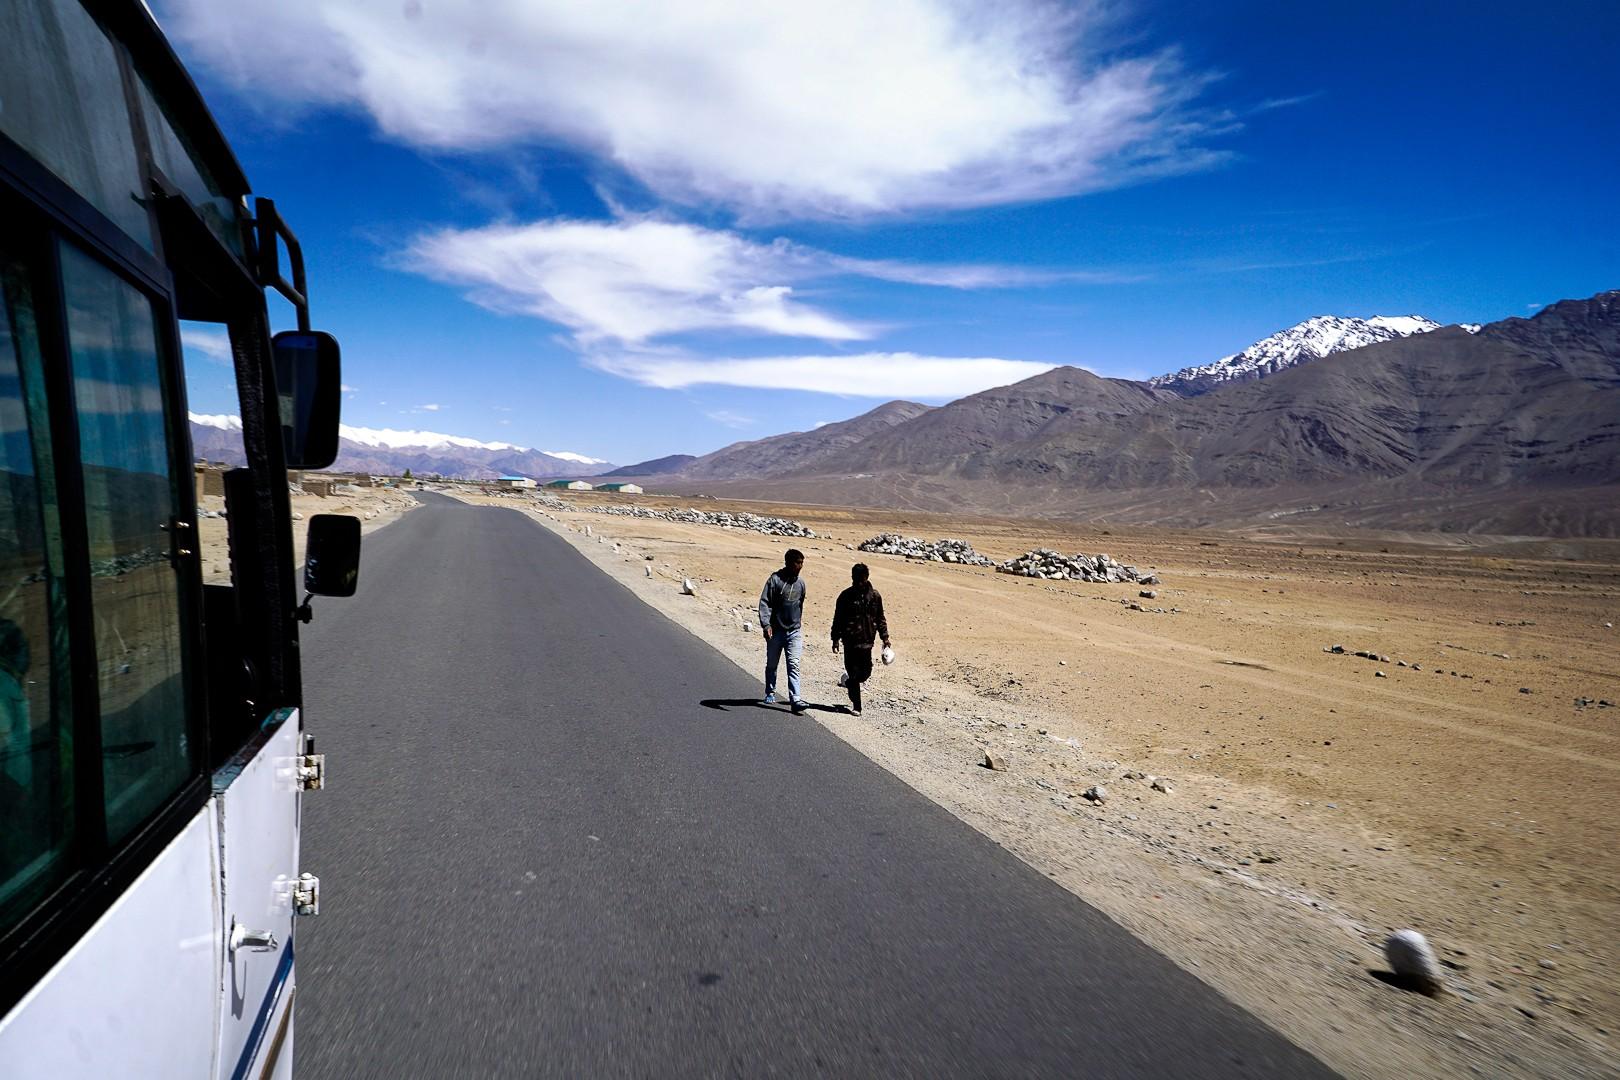 Ladakh. W drodze do Leh.